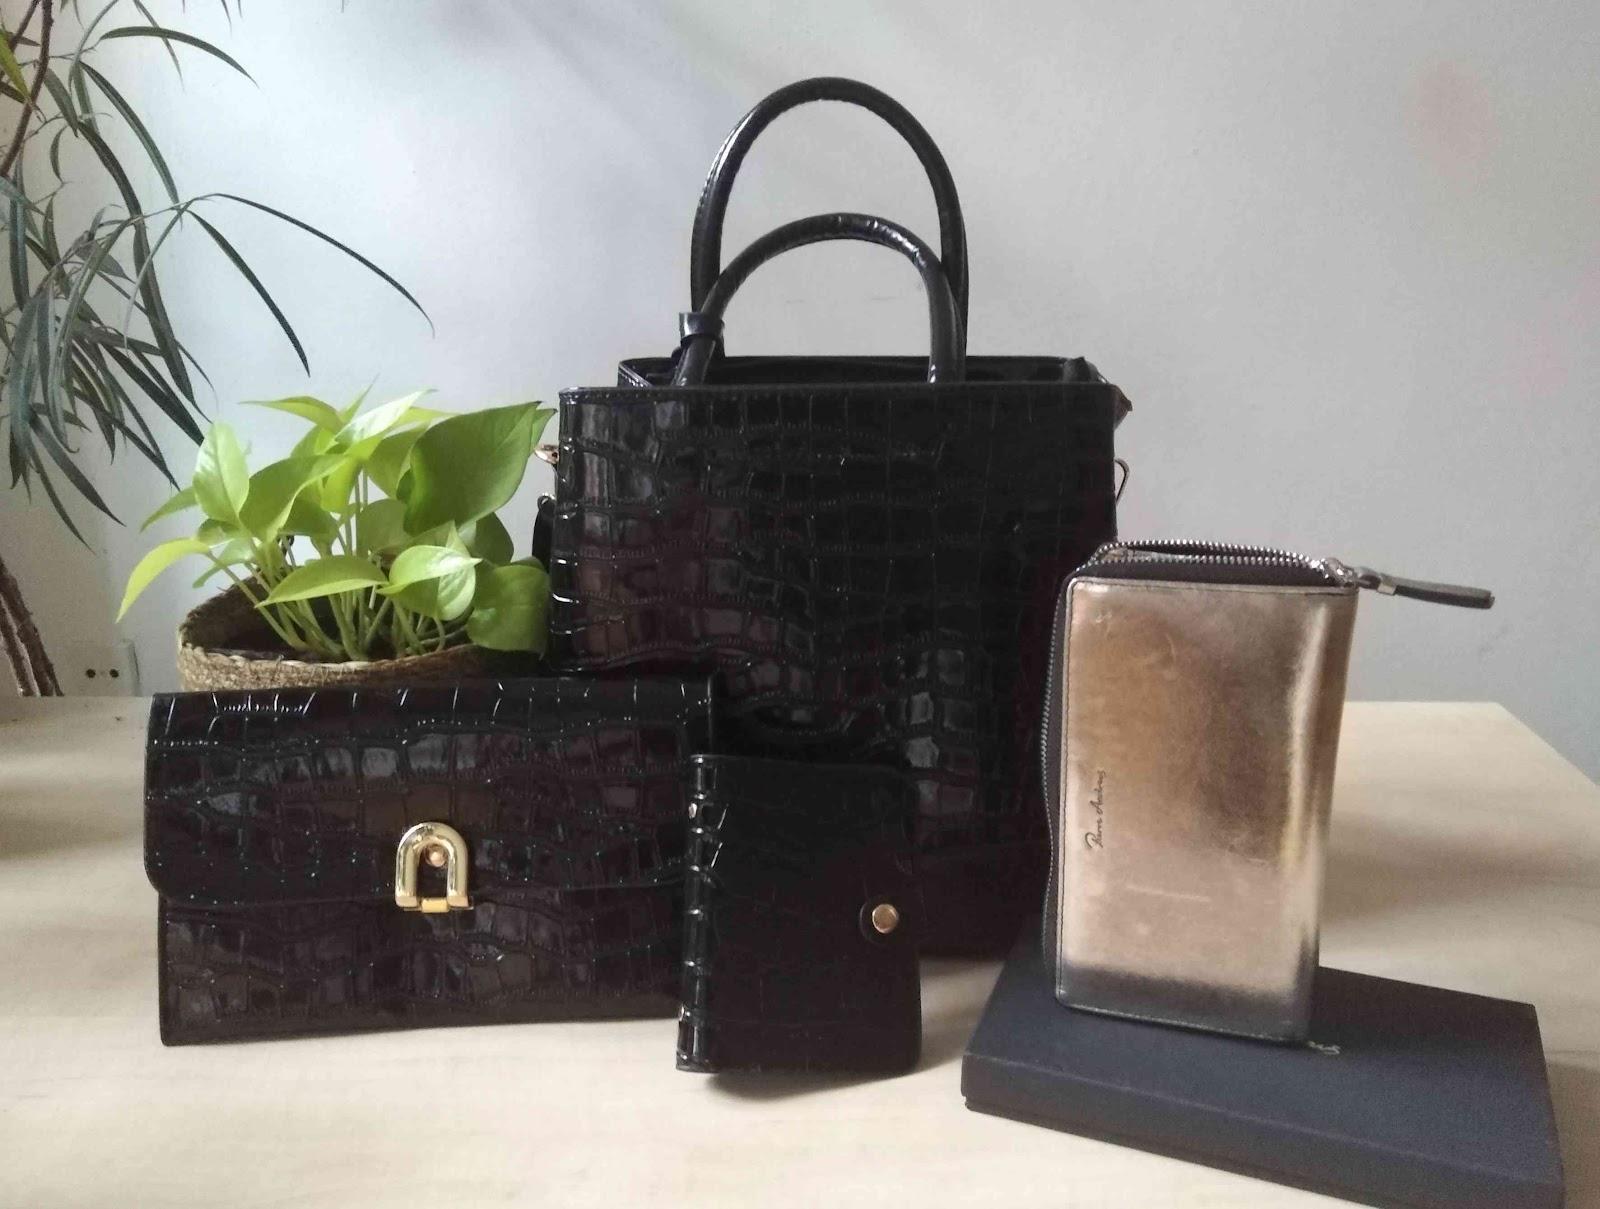 Recenze Ejavejo: Metalická peněženka na zip a set kabelek Kroko v černé barvě